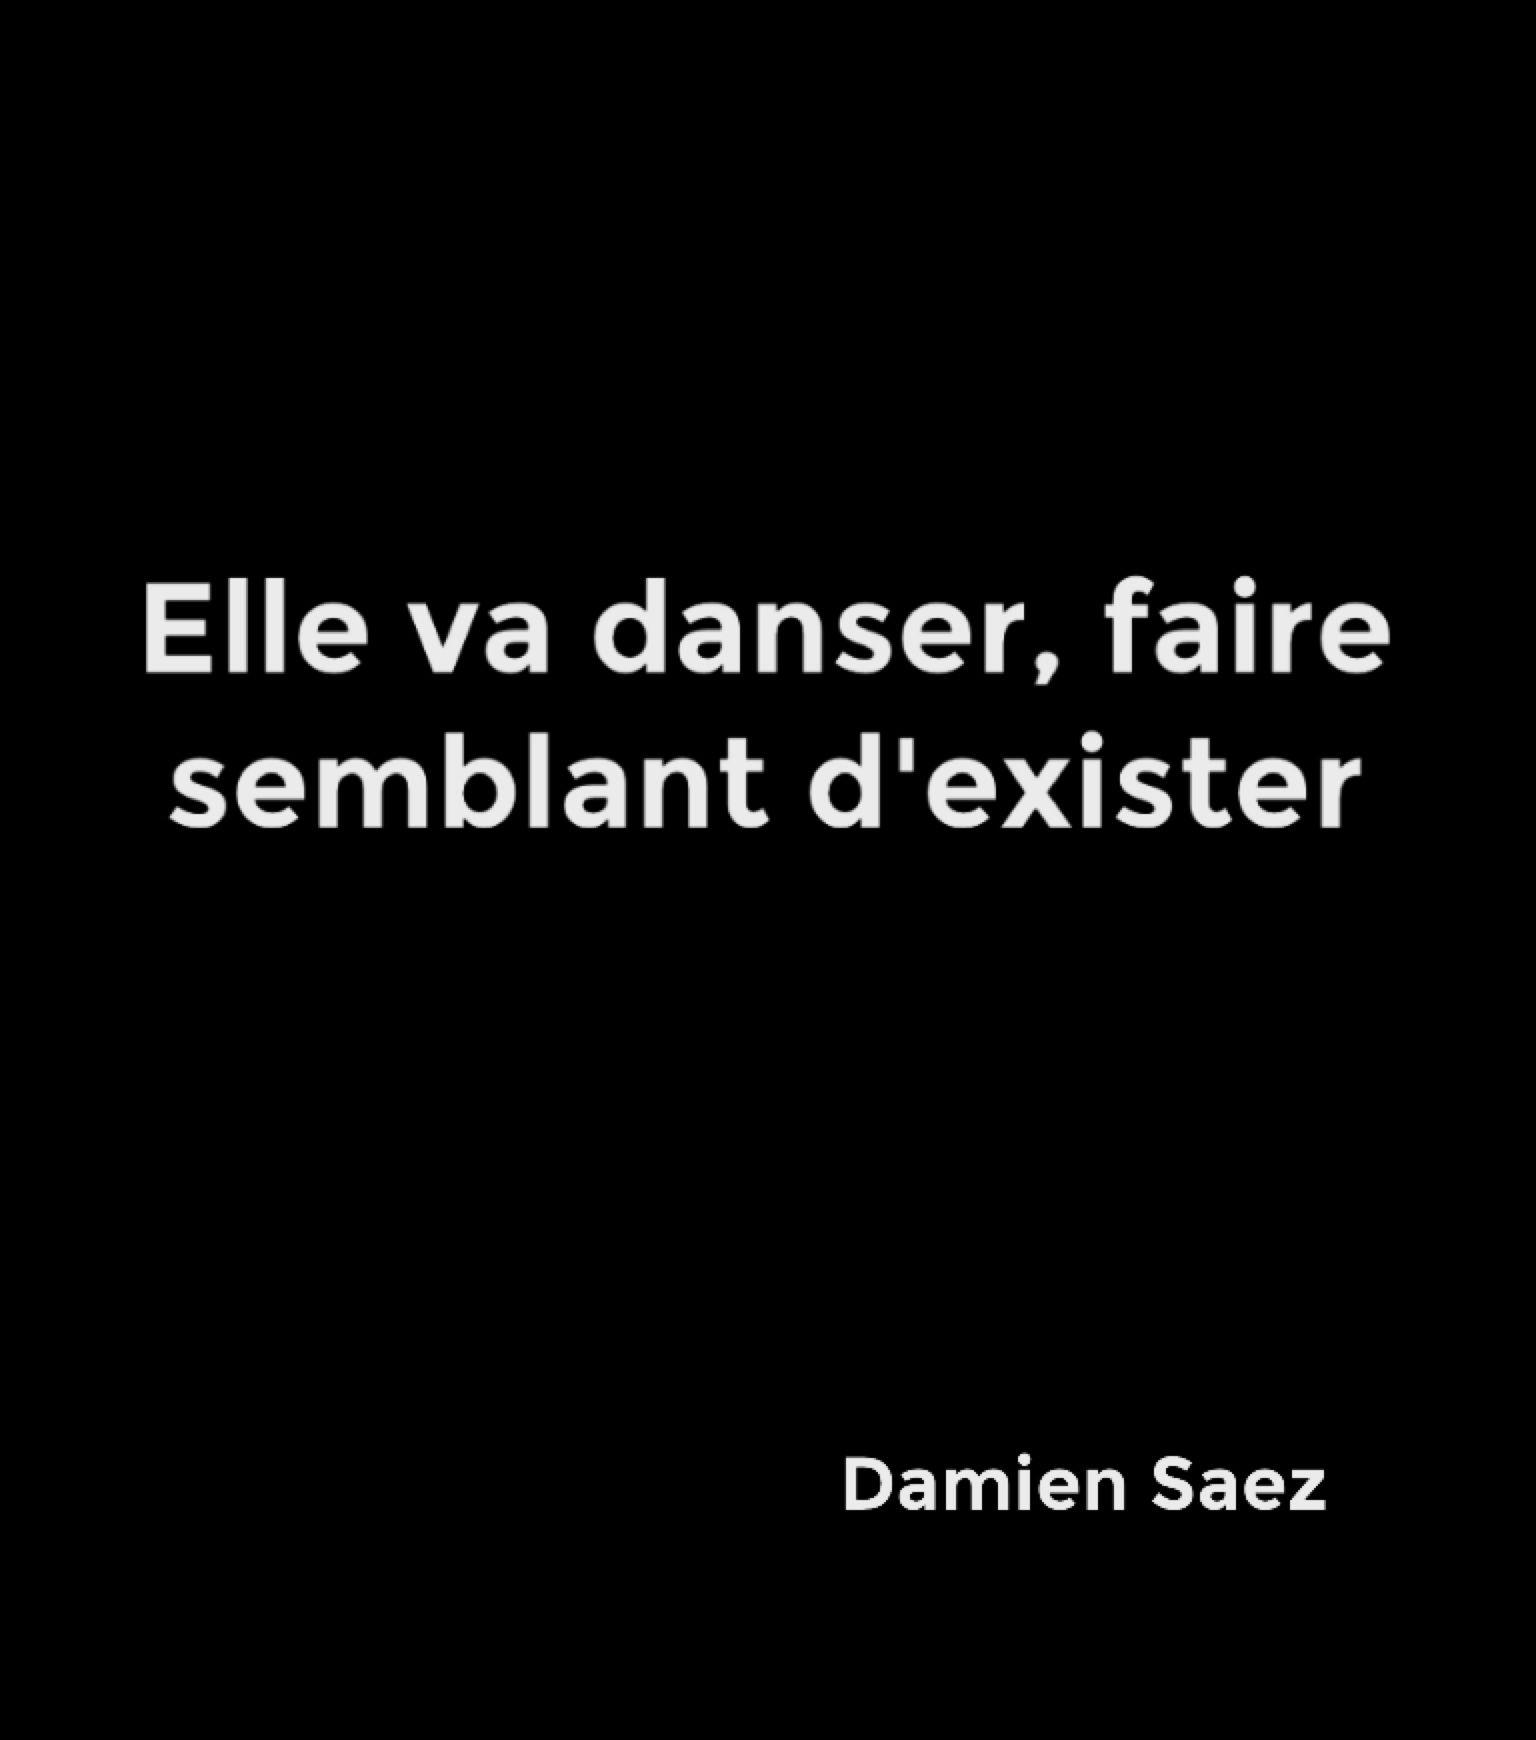 43 Idées De Saez Paroles Damien Saez Parole Saez Marguerite